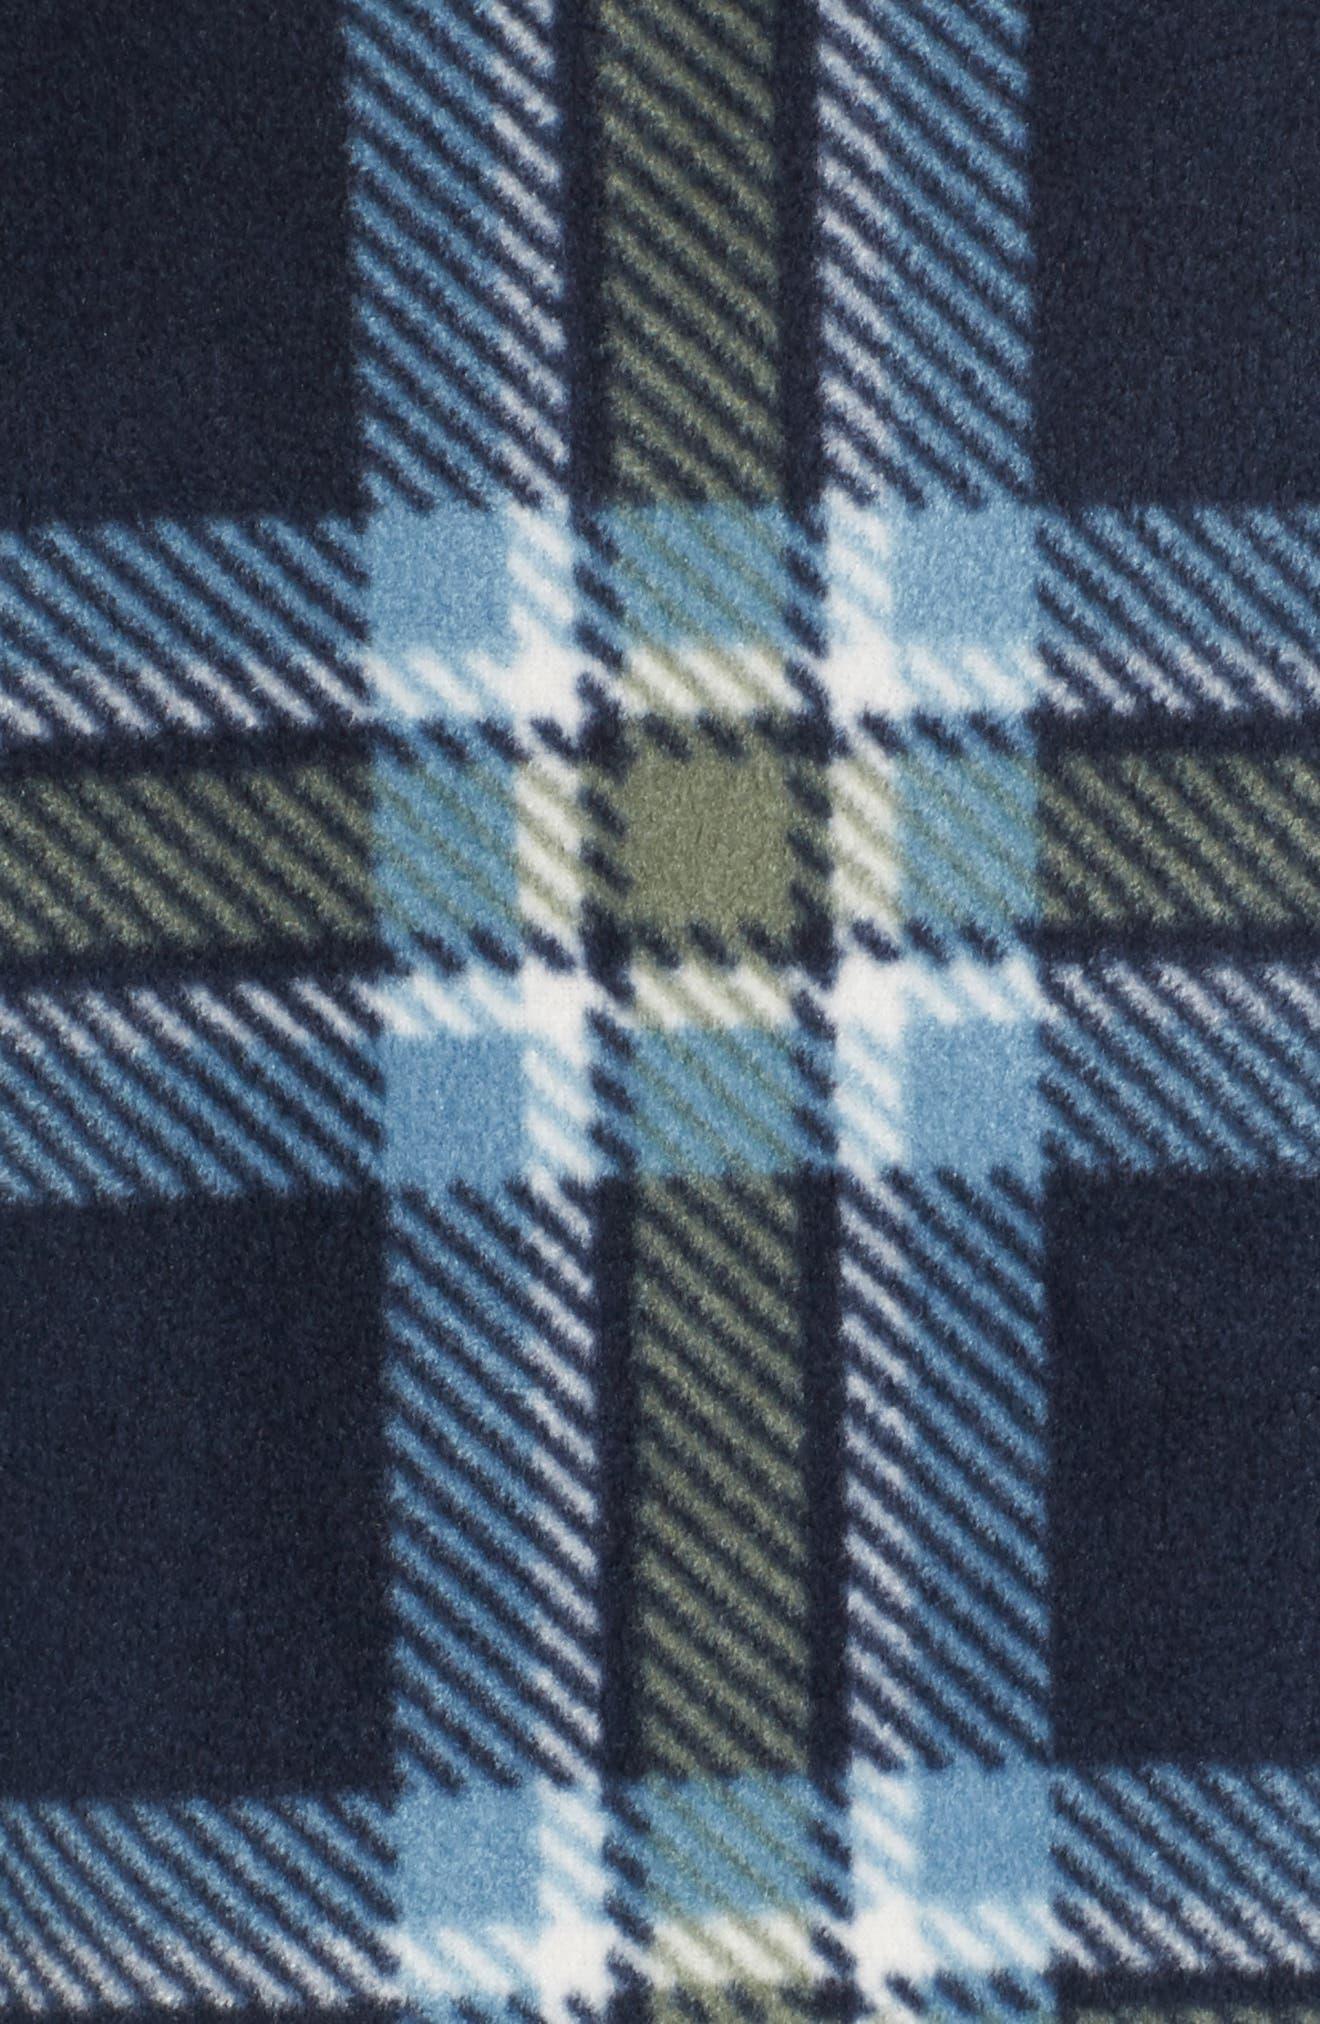 Glacier Heat Dome Plaid Fleece Shirt,                             Alternate thumbnail 10, color,